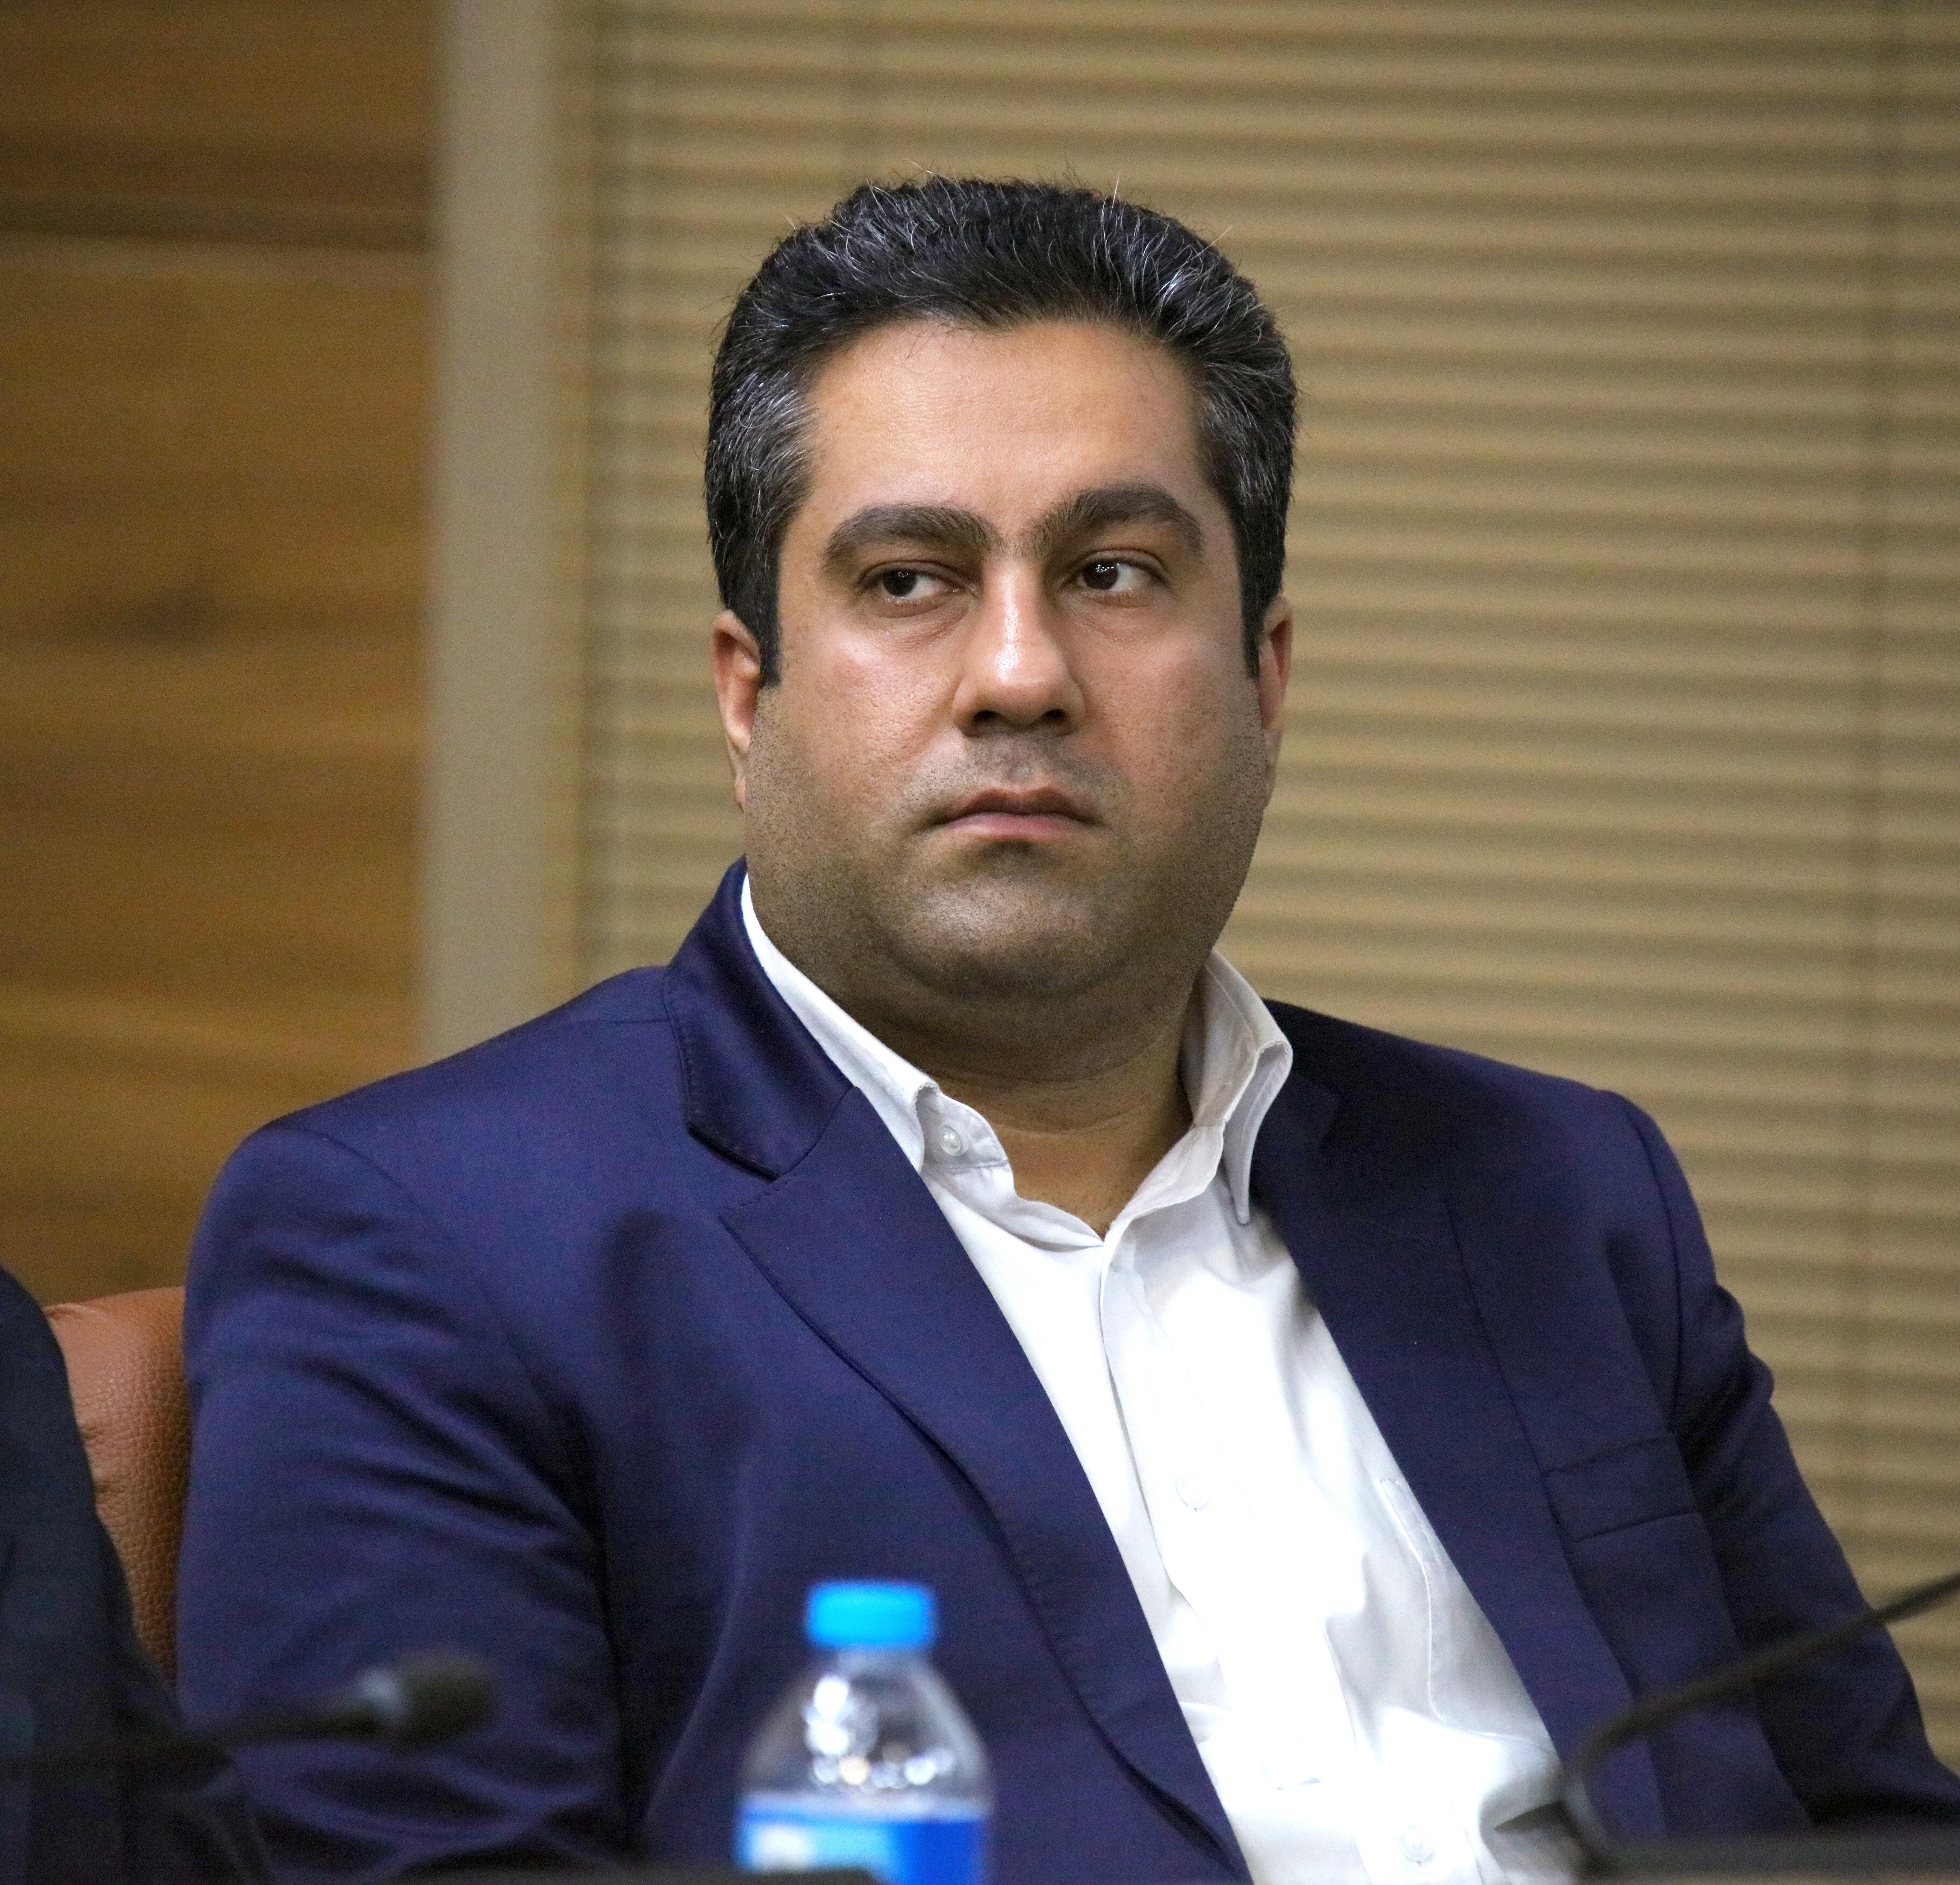 شاهین منصوری، مهندس شاهین منصوری، کارشناس ارشد مدیریت بازرگانی،بازاریابی، اخلاق مصرف در اسلام و غرب،اخلاق مصرفا